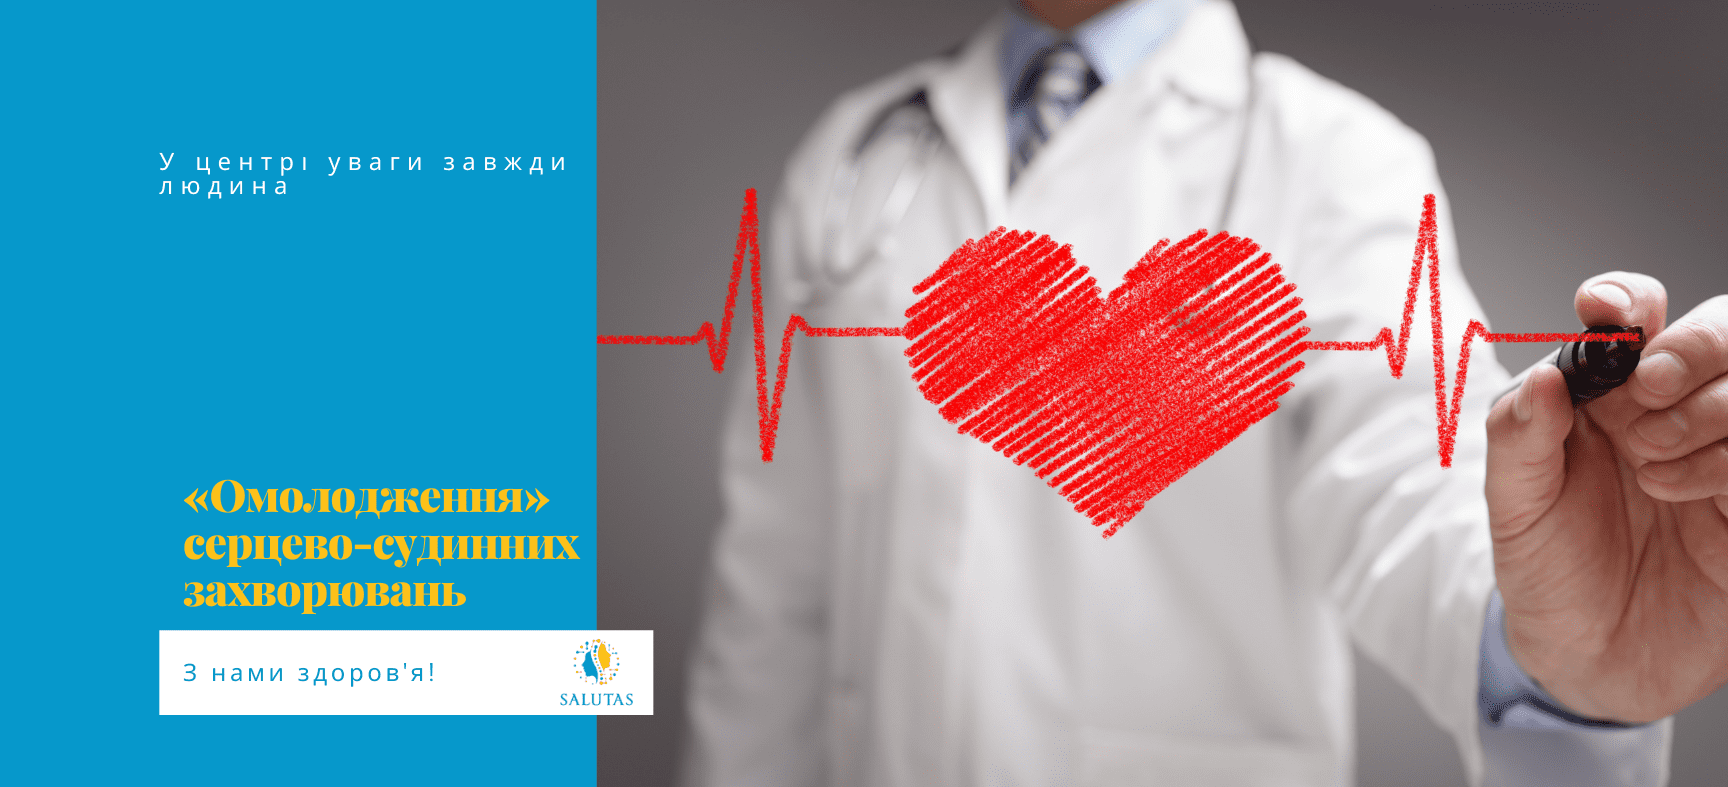 Серцево-судинні хвороби омолоджуються